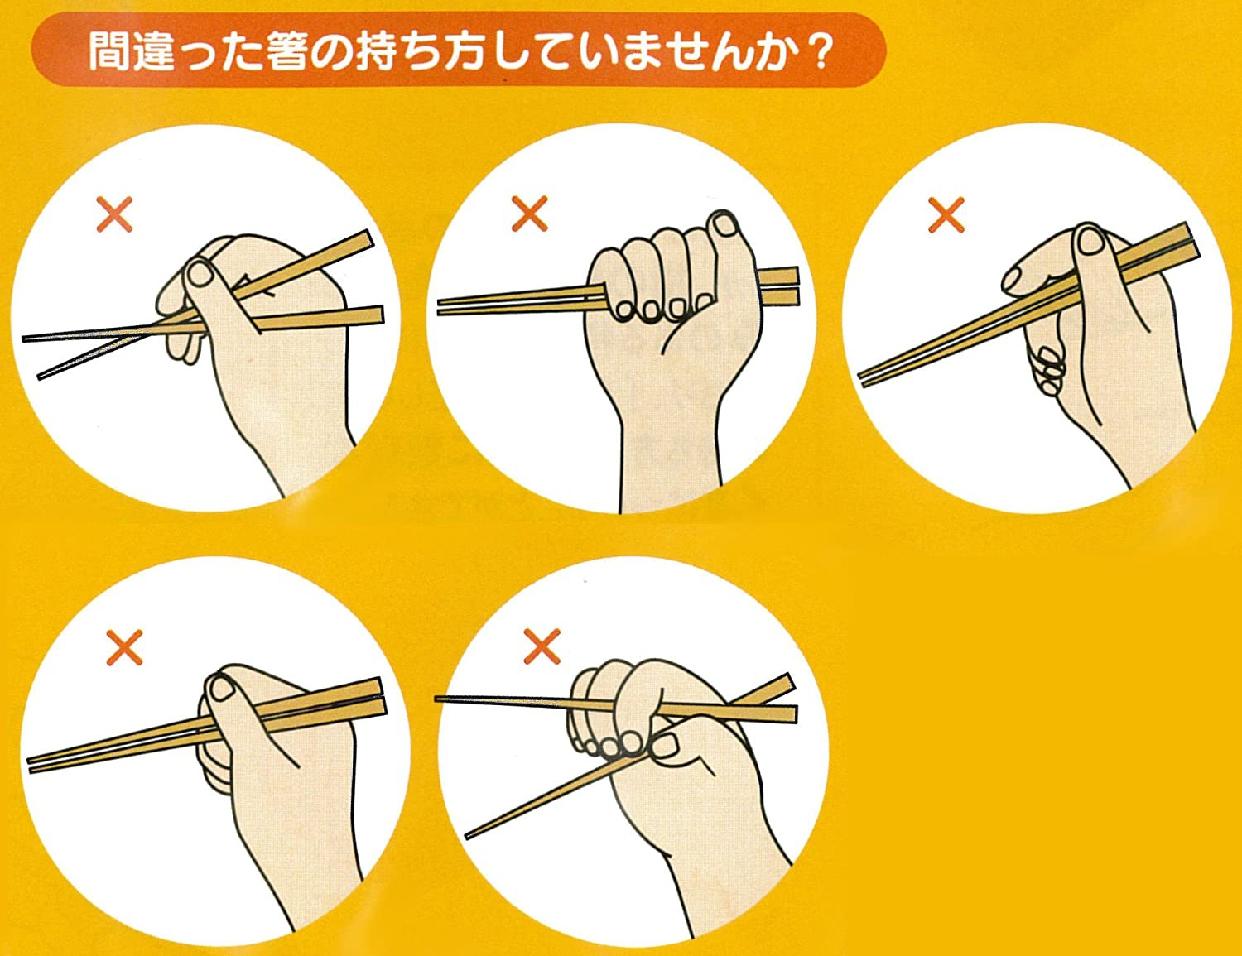 イシダ 子供用 三点支持箸 14cmの商品画像4